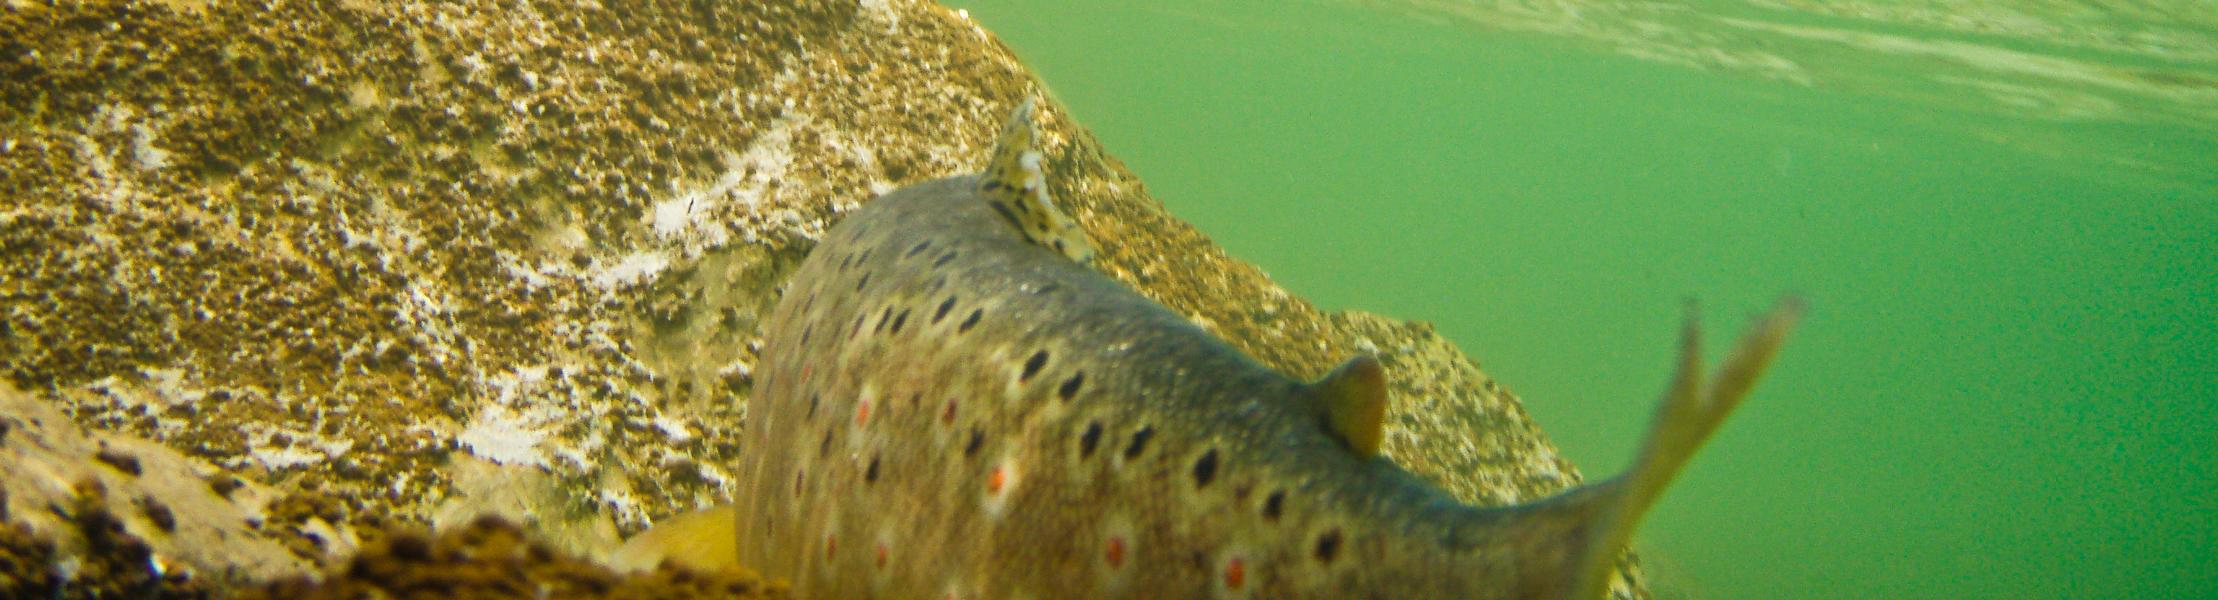 Bachforelle Unterwasser